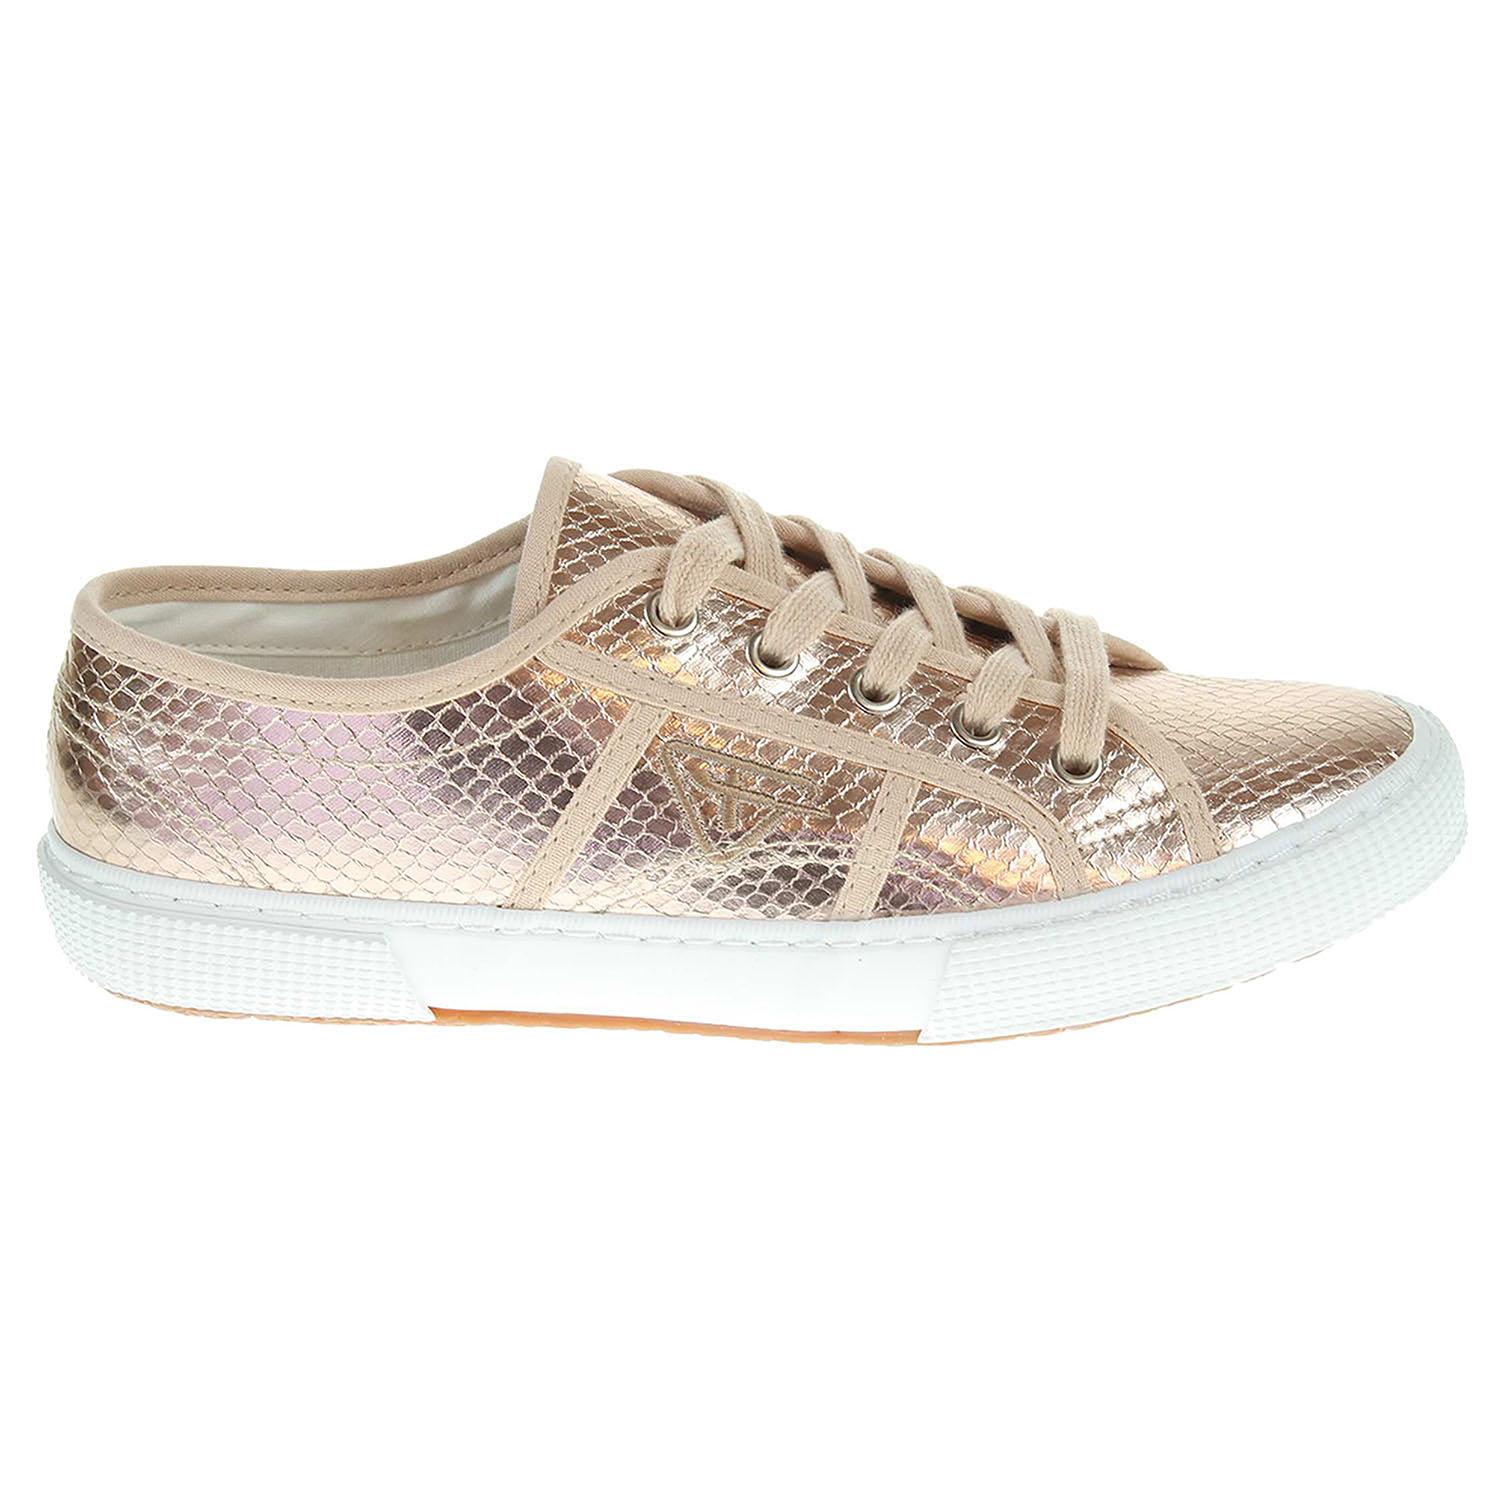 Ecco Tamaris dámská obuv 1-23660-26 bronzová 23200498